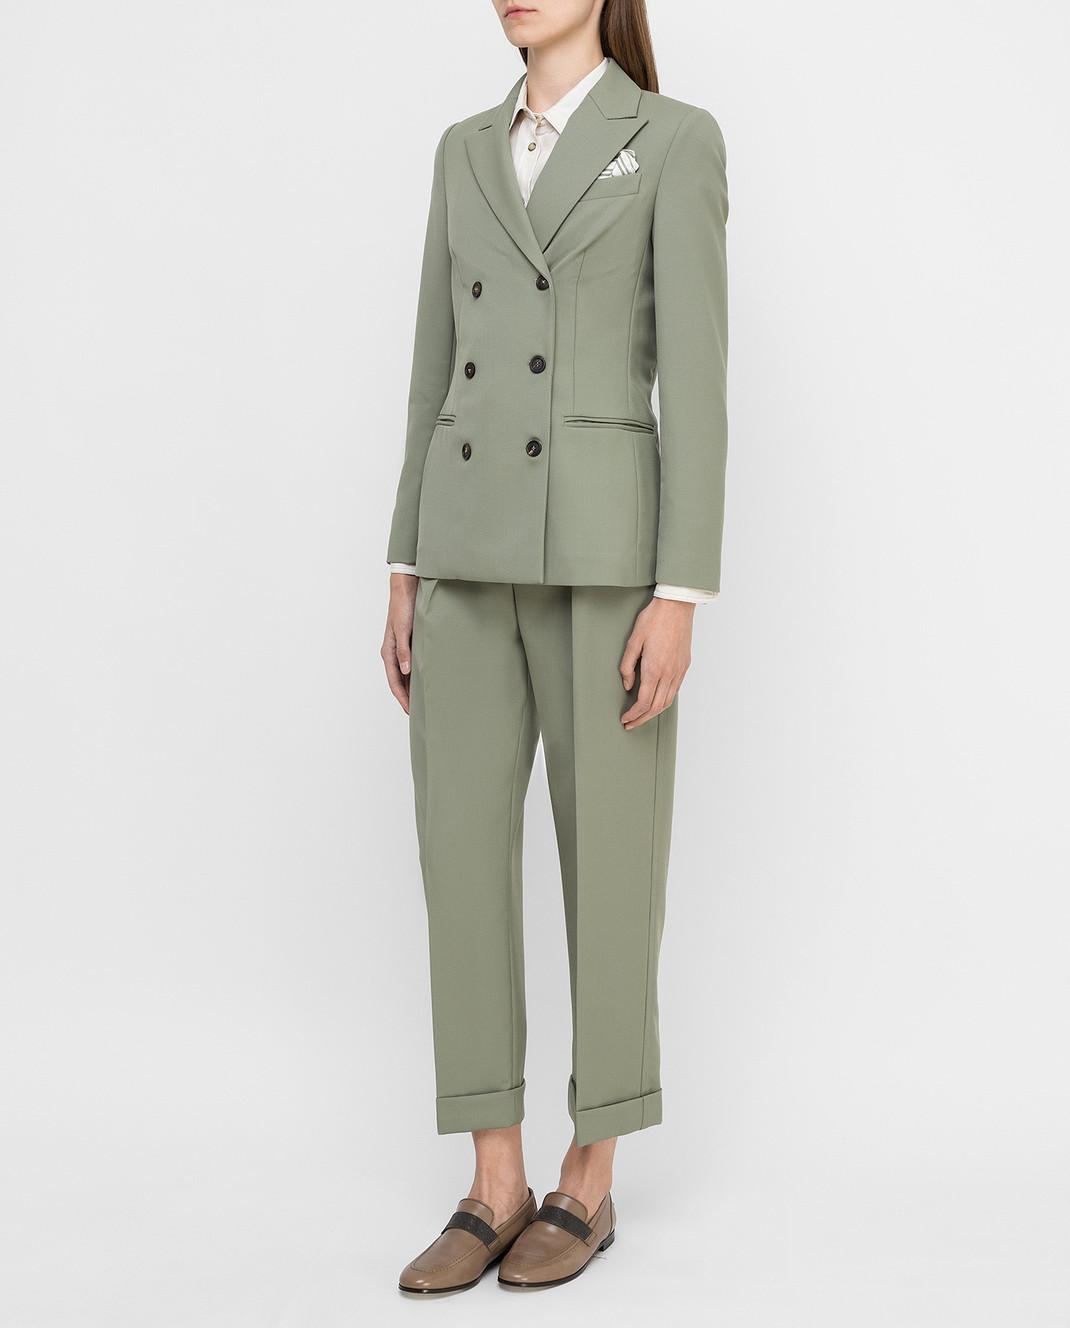 Brunello Cucinelli Зеленый костюм из шерсти изображение 3